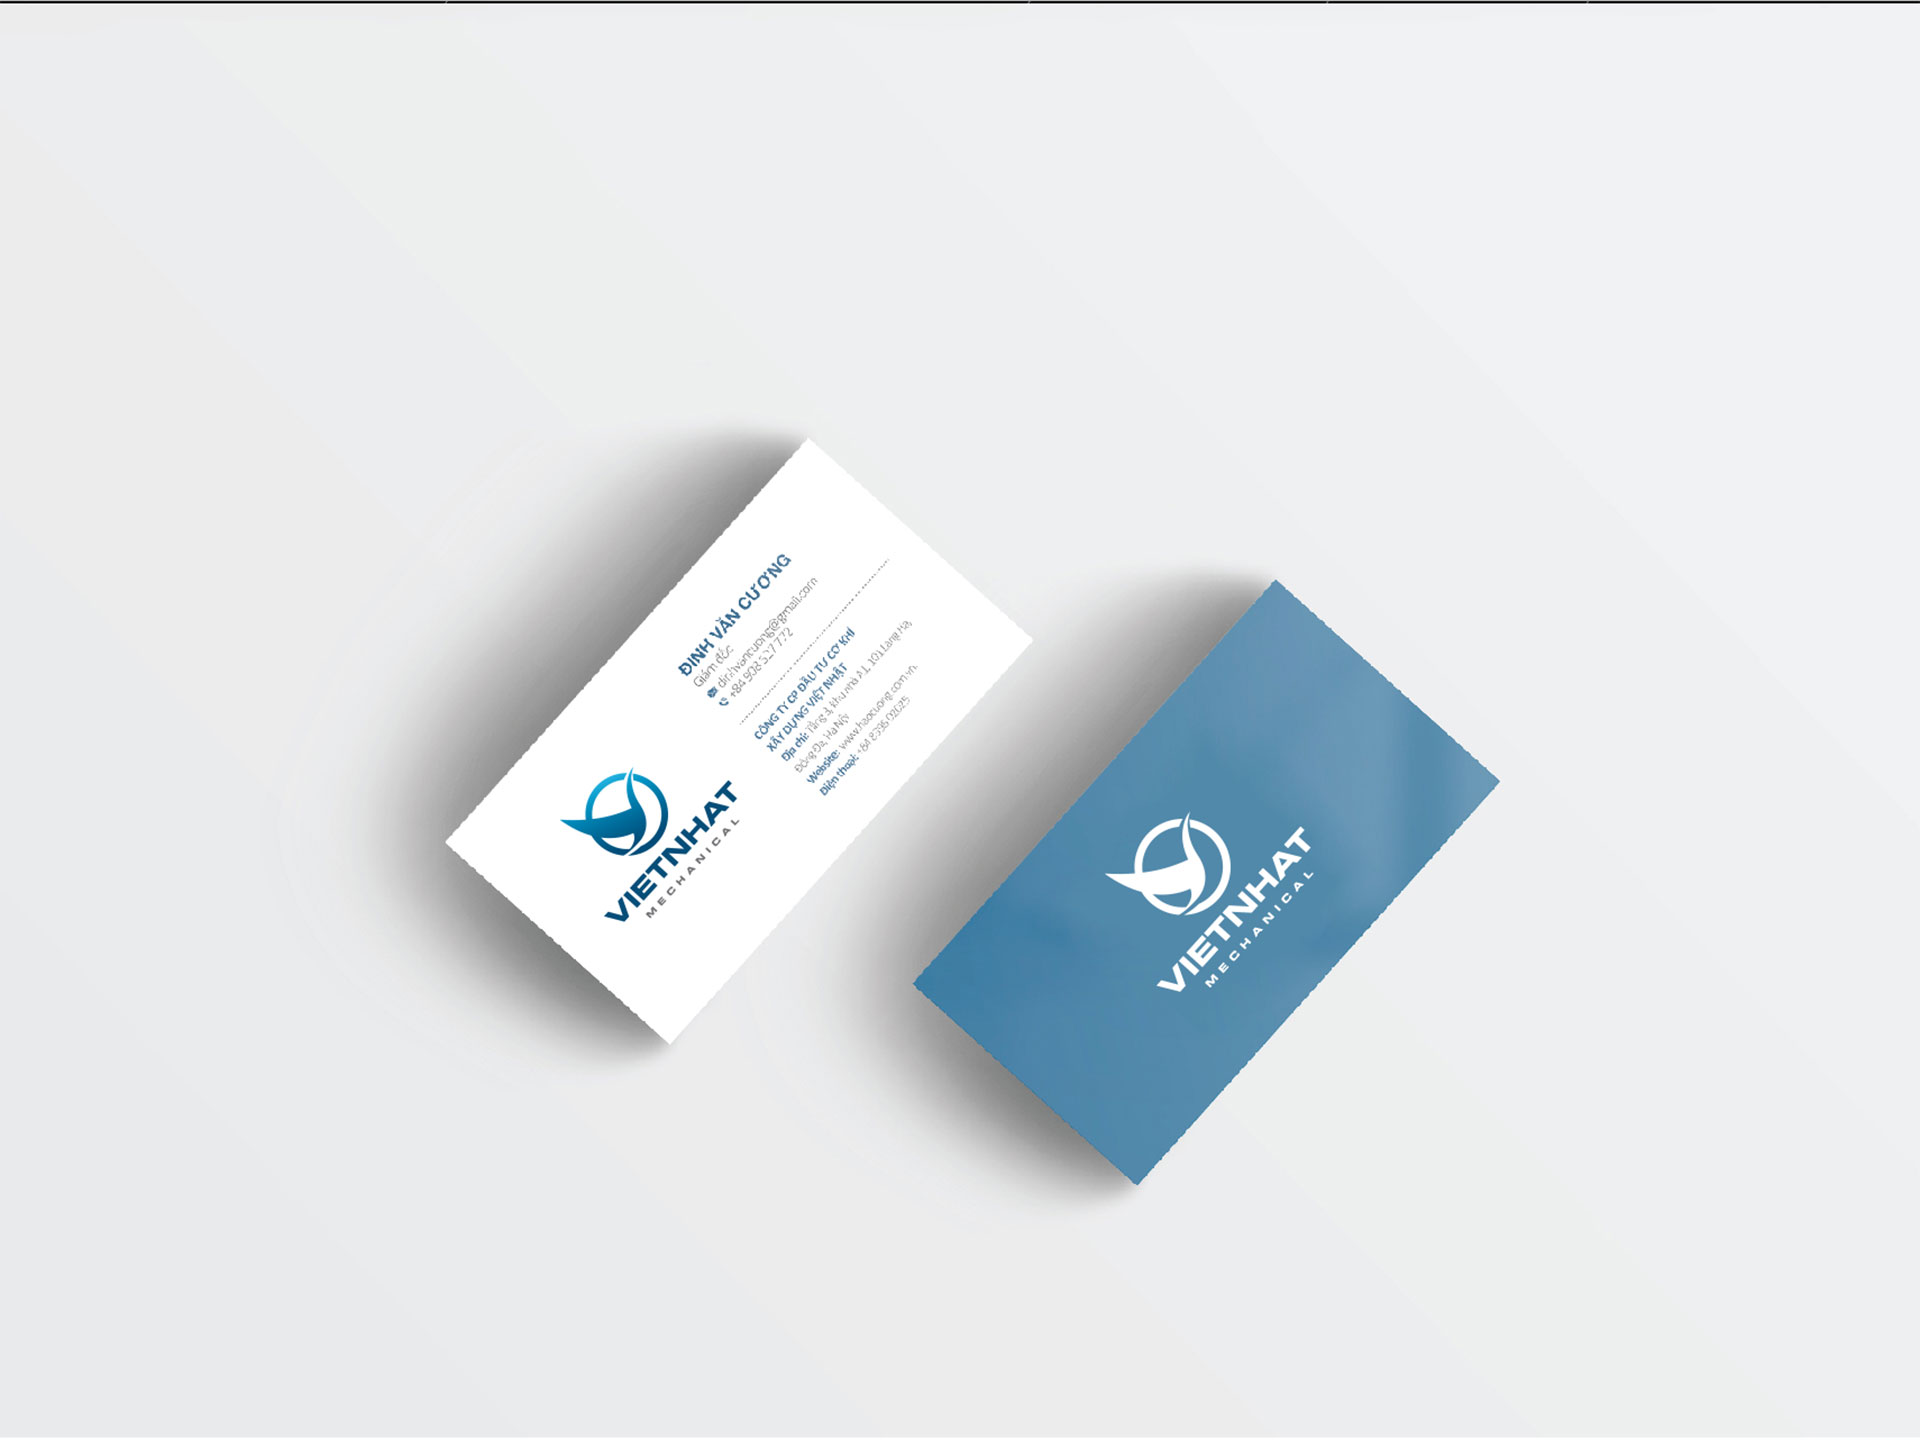 Thiết kế logo thương hiệu Công ty Cơ khí Xây dựng Việt Nhật tại Hà Nội